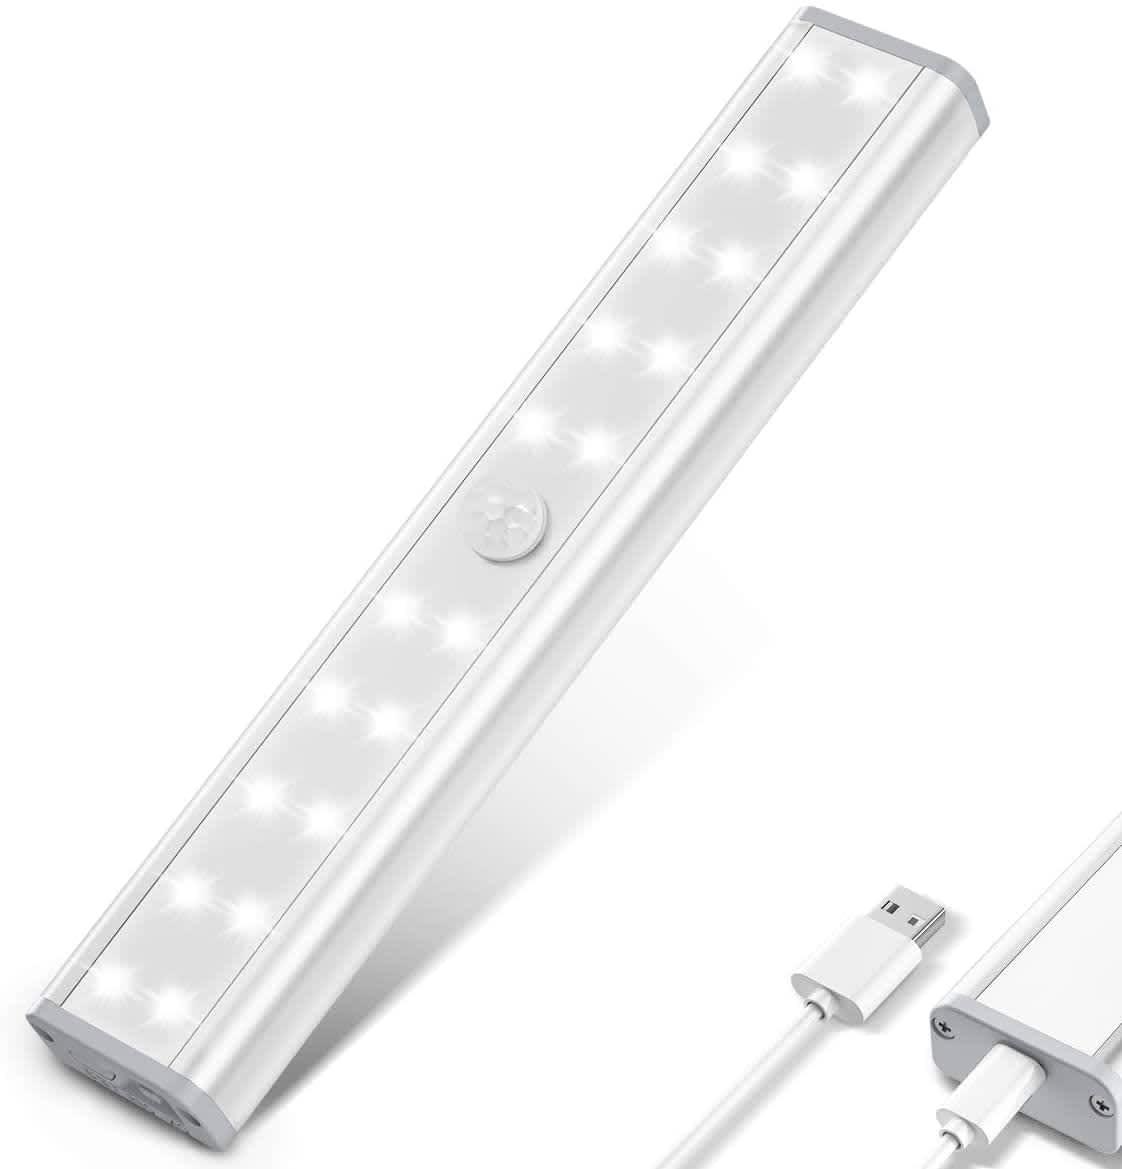 Hokeki LED Closet Light